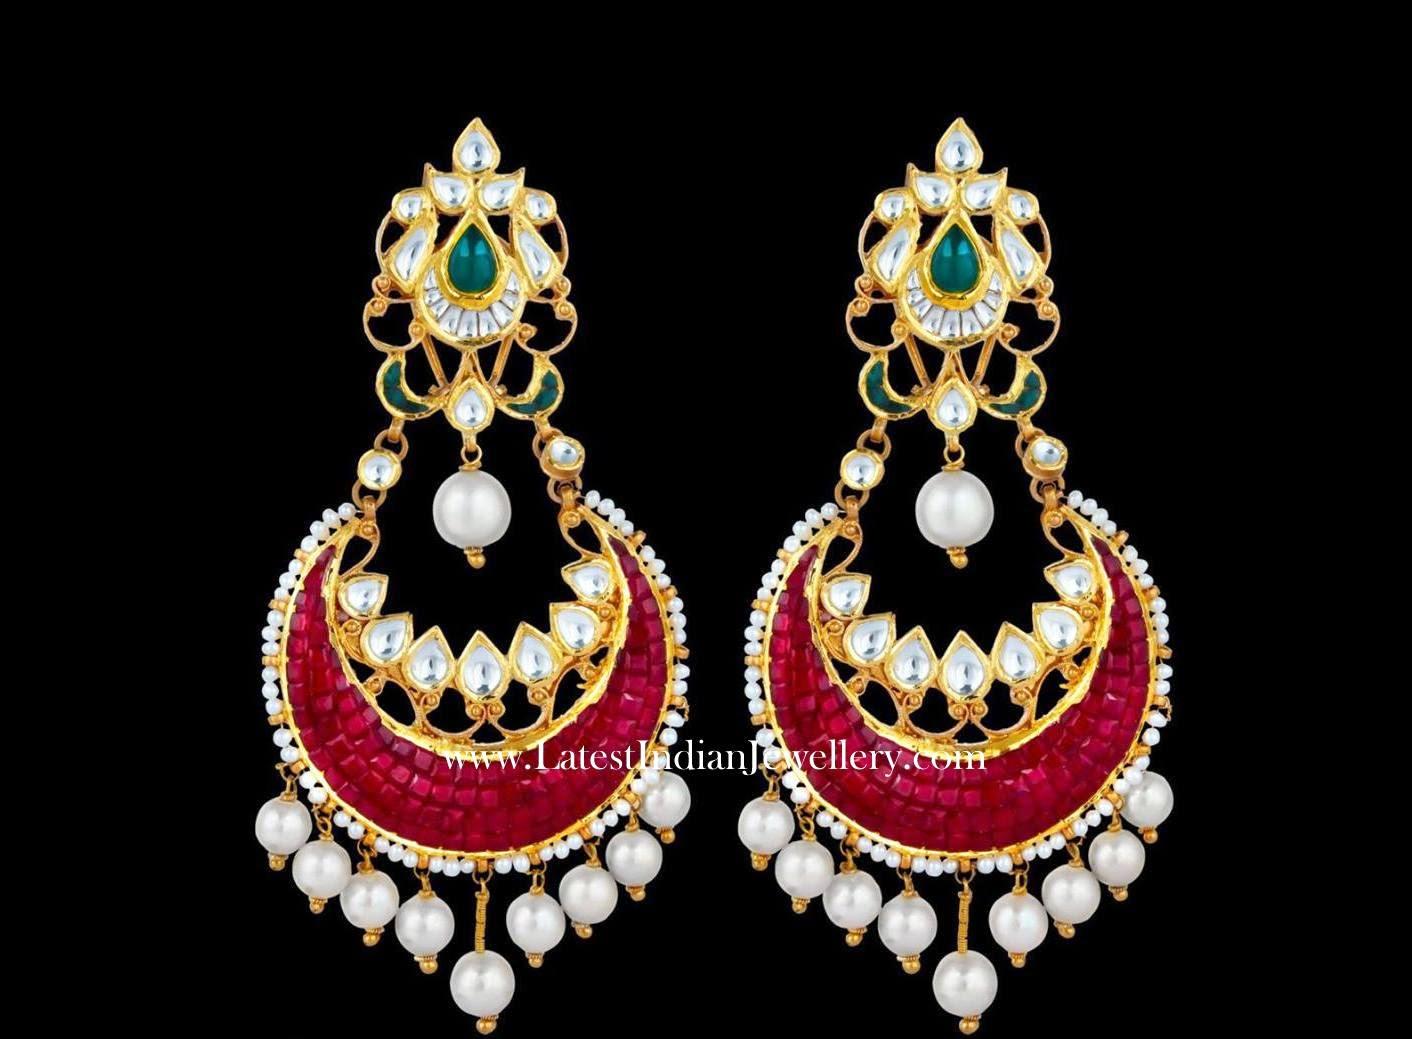 Grand Ruby Chand Bali Earrings